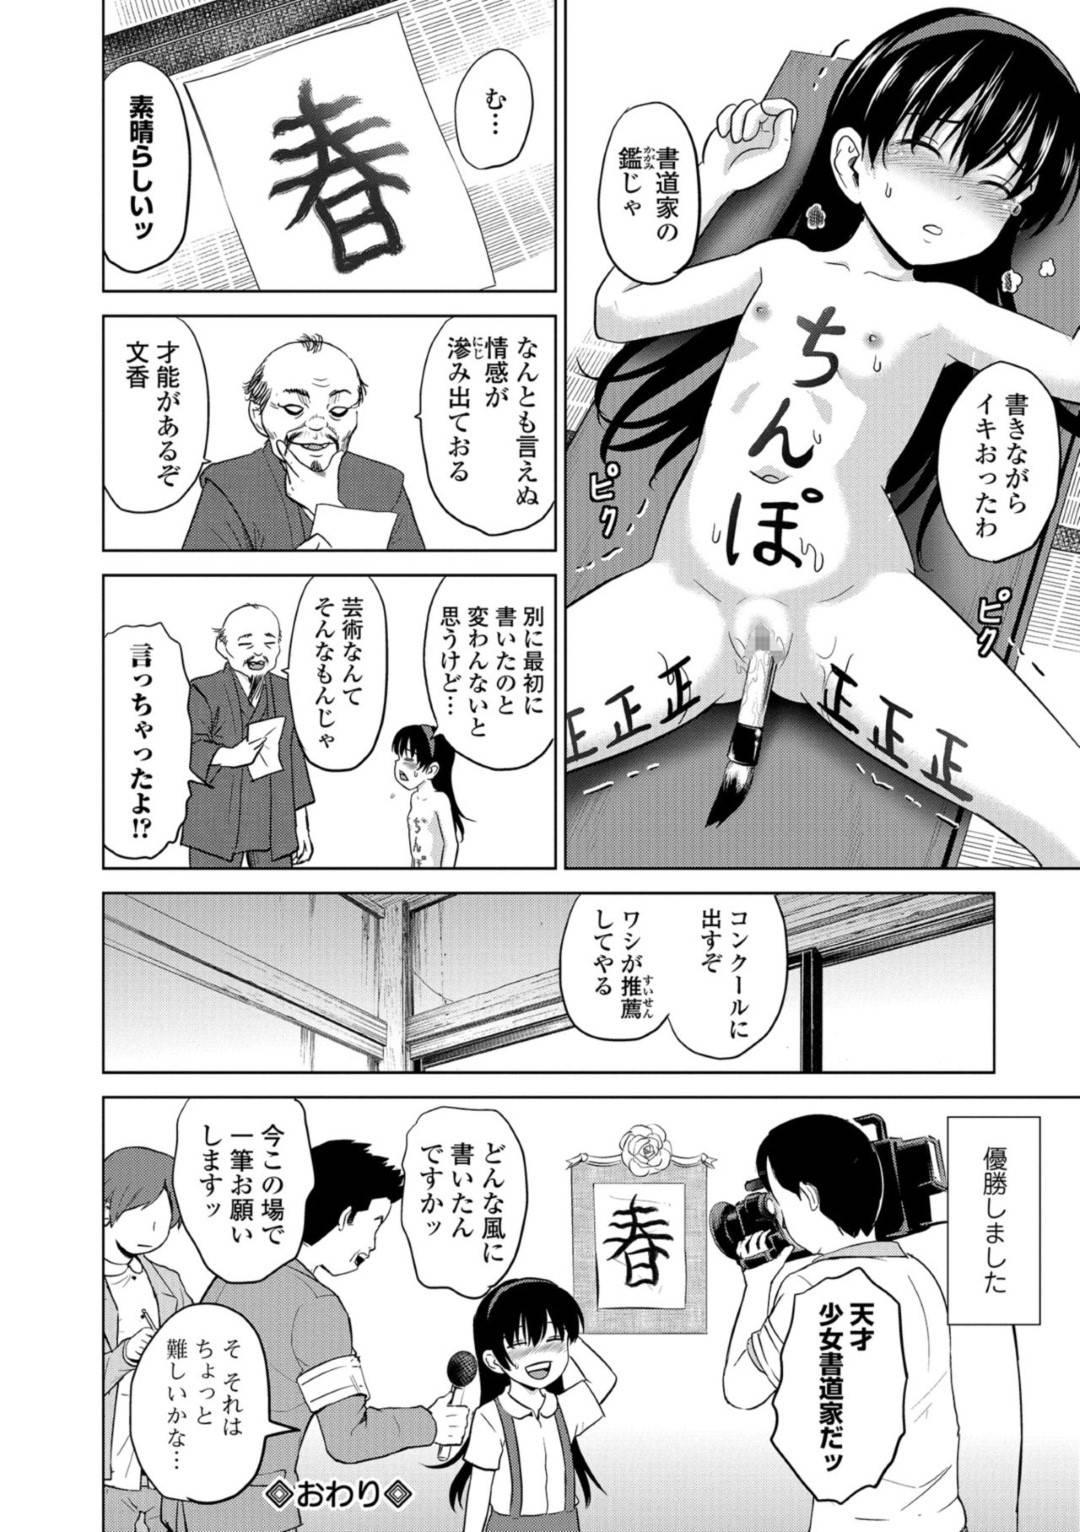 【エロ漫画】書道を習っているが上手く書けない少女...上手く書けないので身体で教えてもらうことになり先生が生挿入セックス指導【カワディMAX:ワレメ書道】